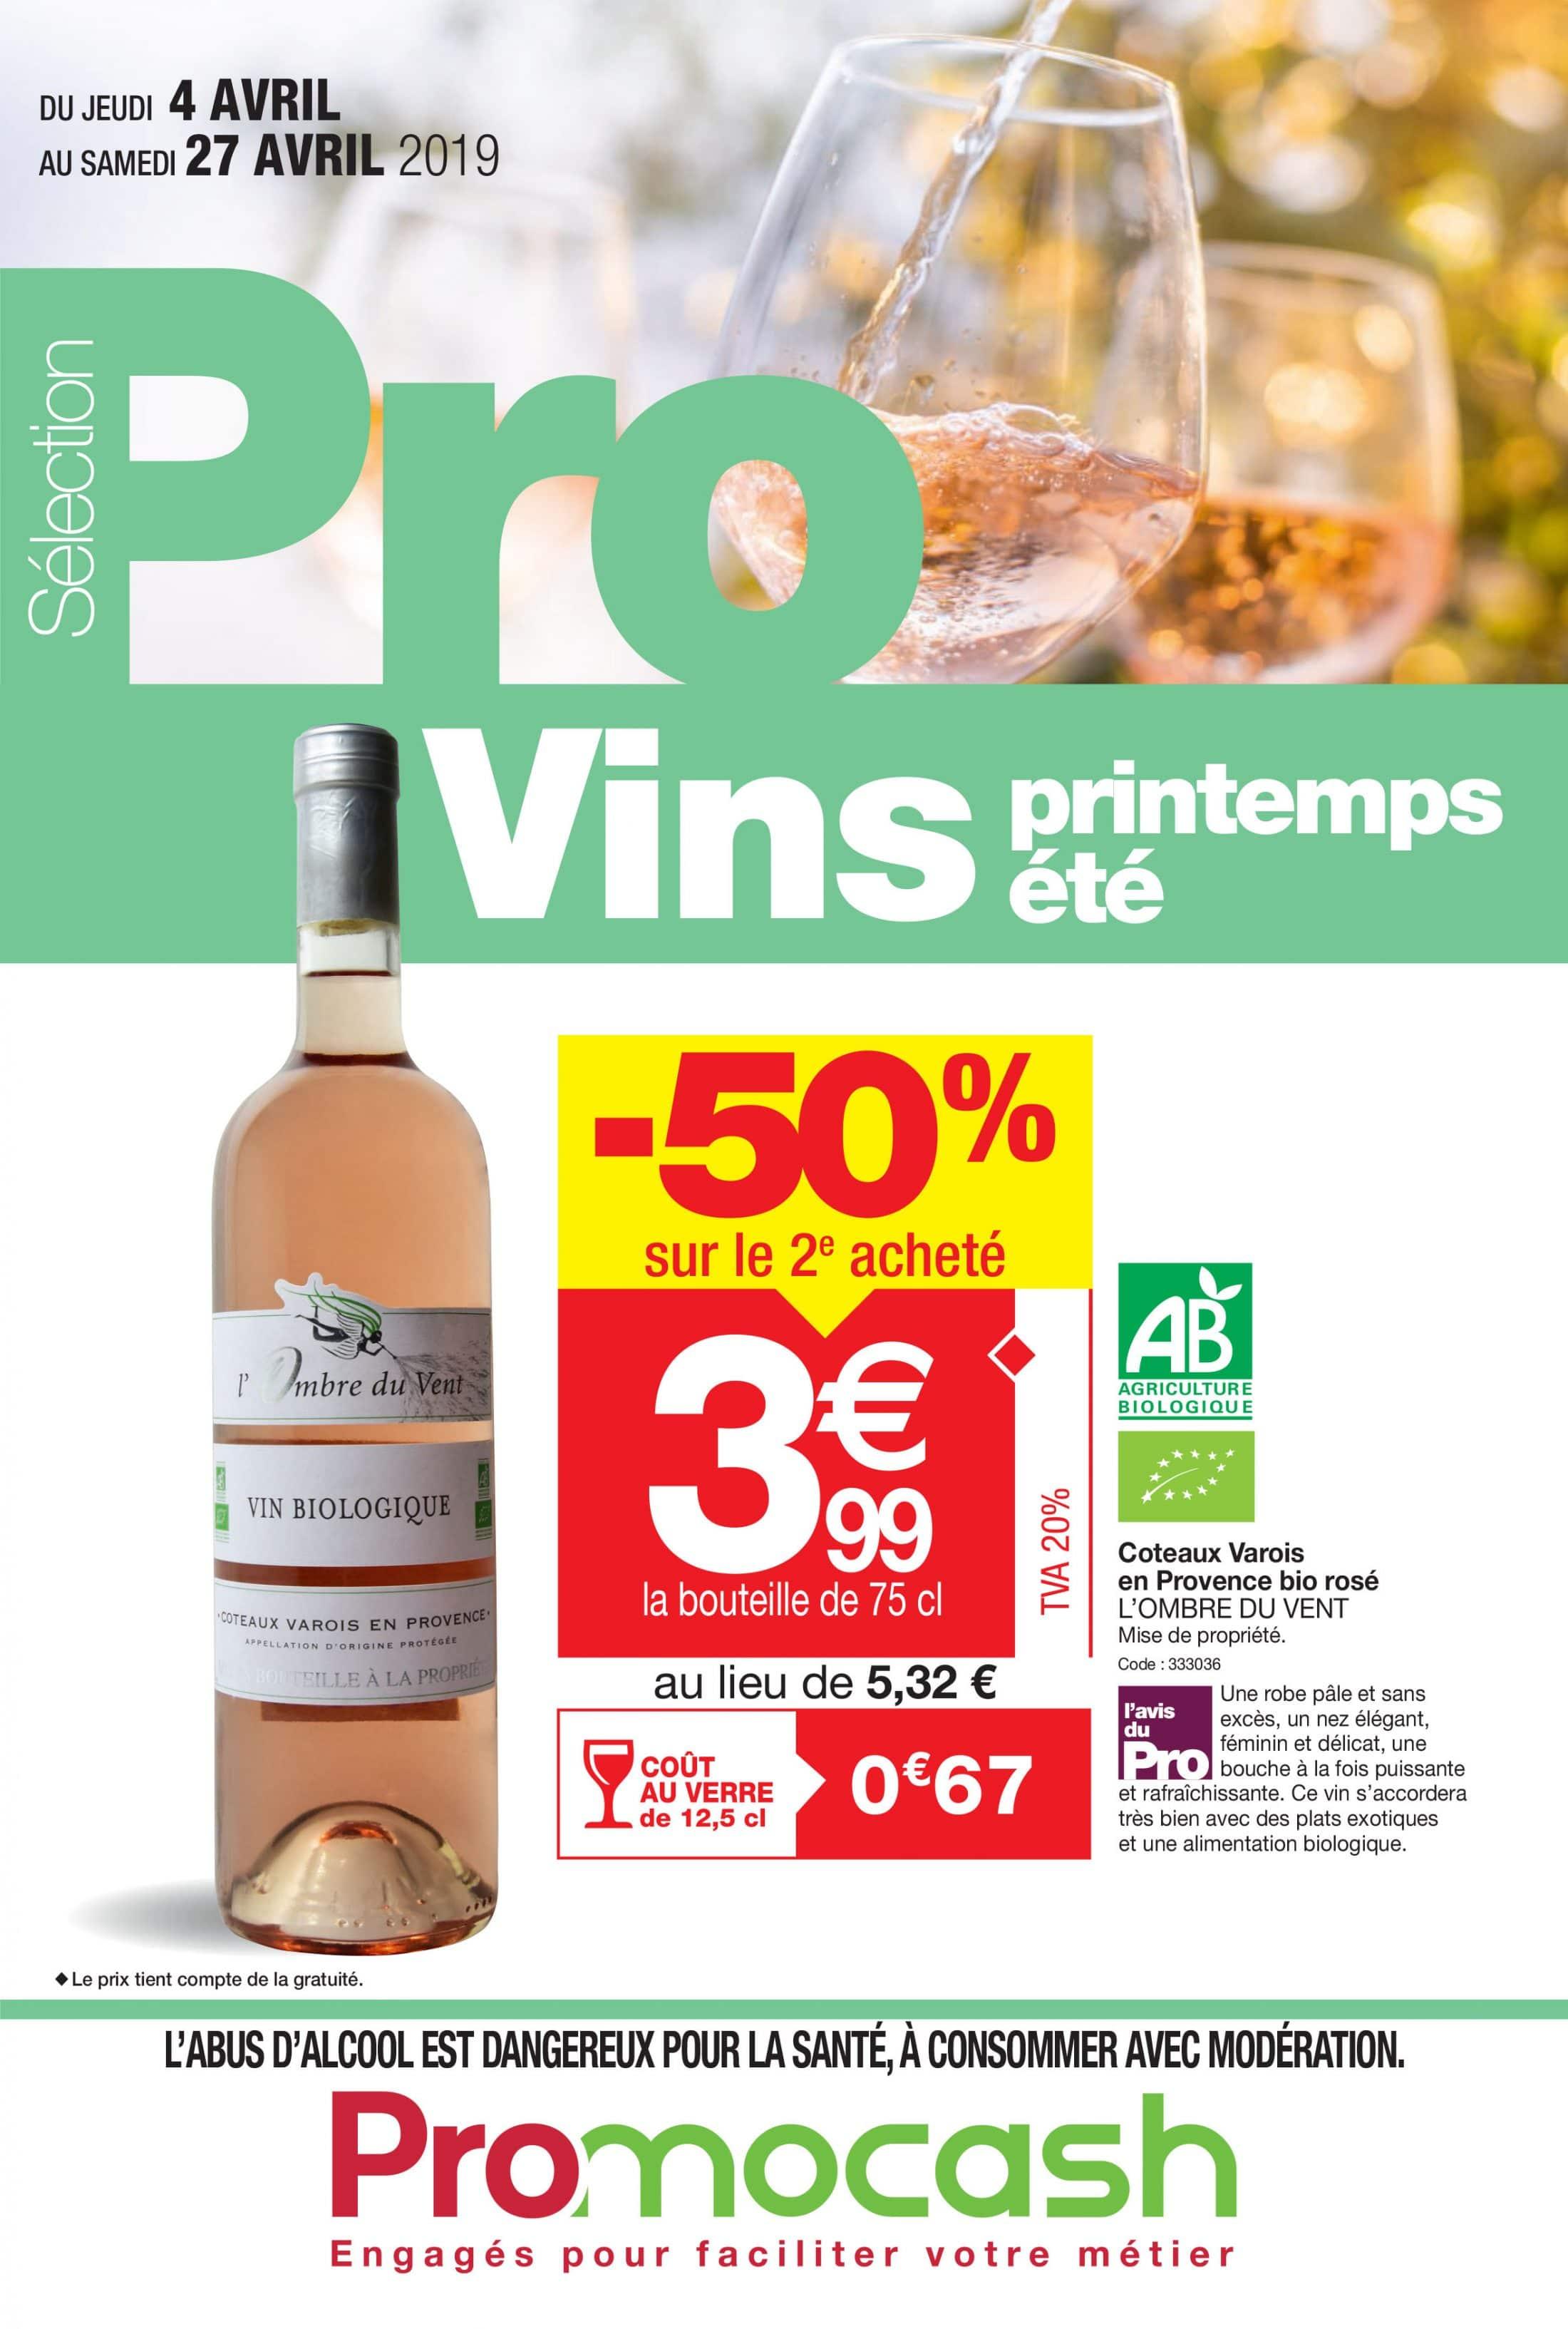 Sélection Pro Vins printemps/été du jeudi 4 au samedi 27 avril 2019